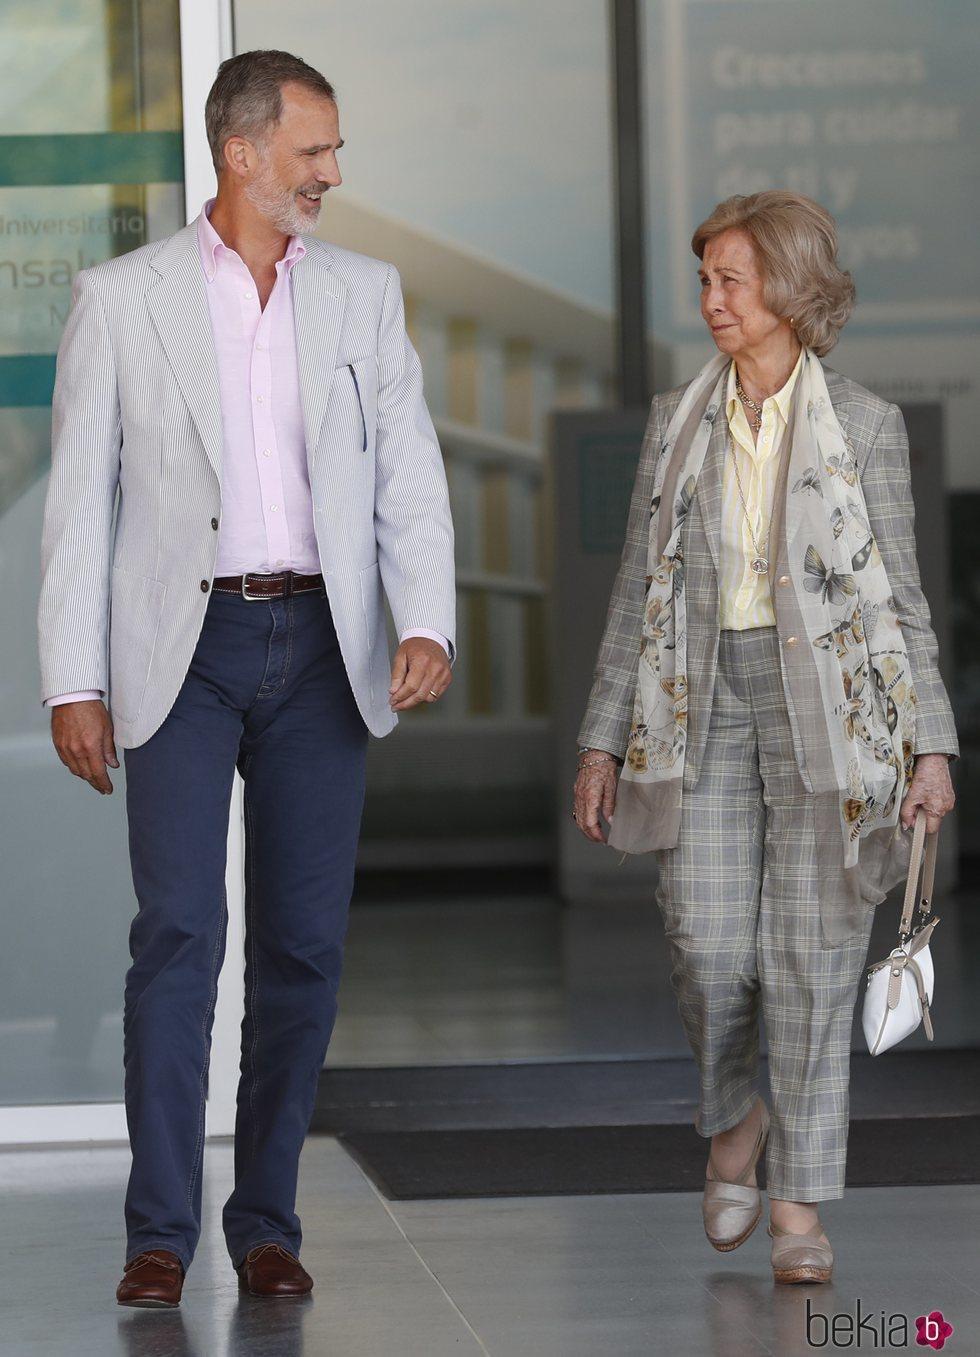 El Rey Felipe VI y la Reina Sofía salen del hospital para hablar del Rey Juan Carlos